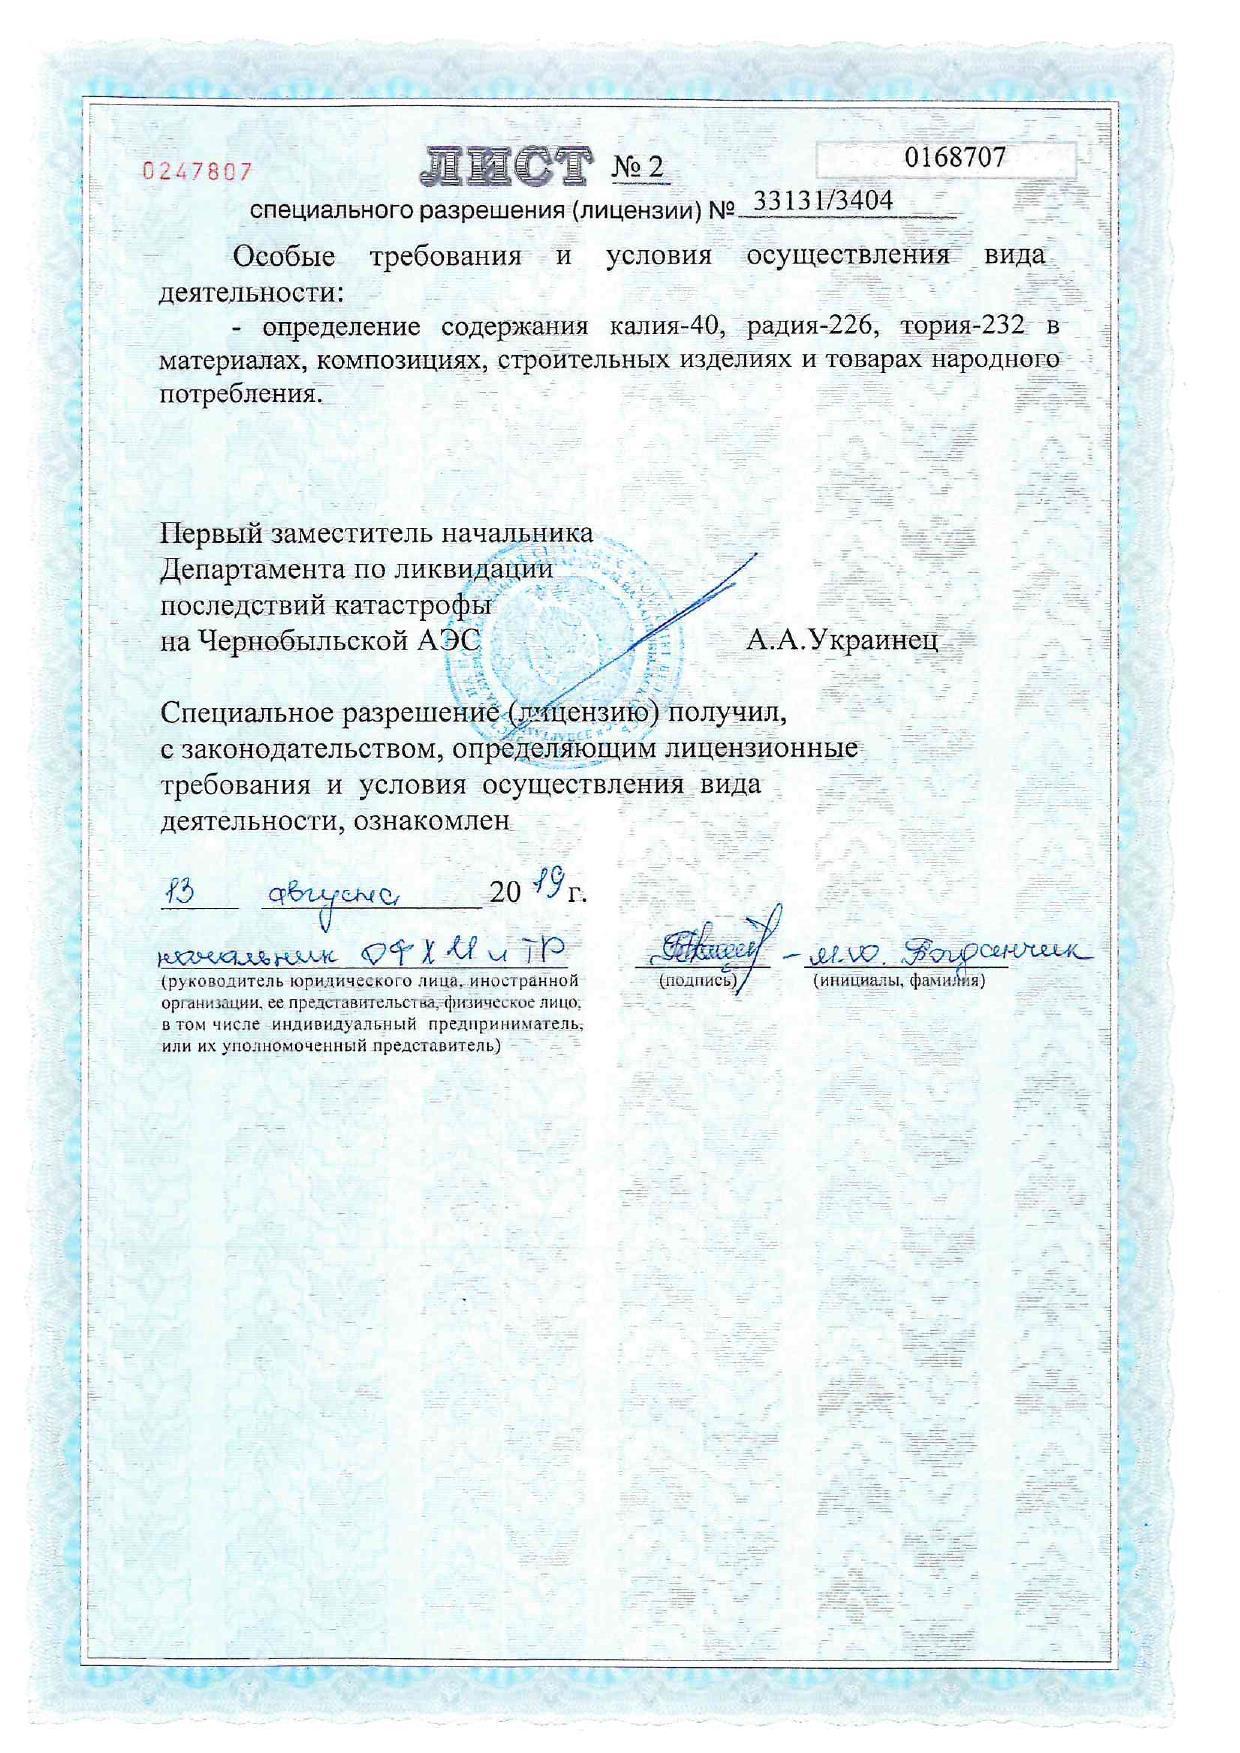 13.1 лицензия радиоактивного